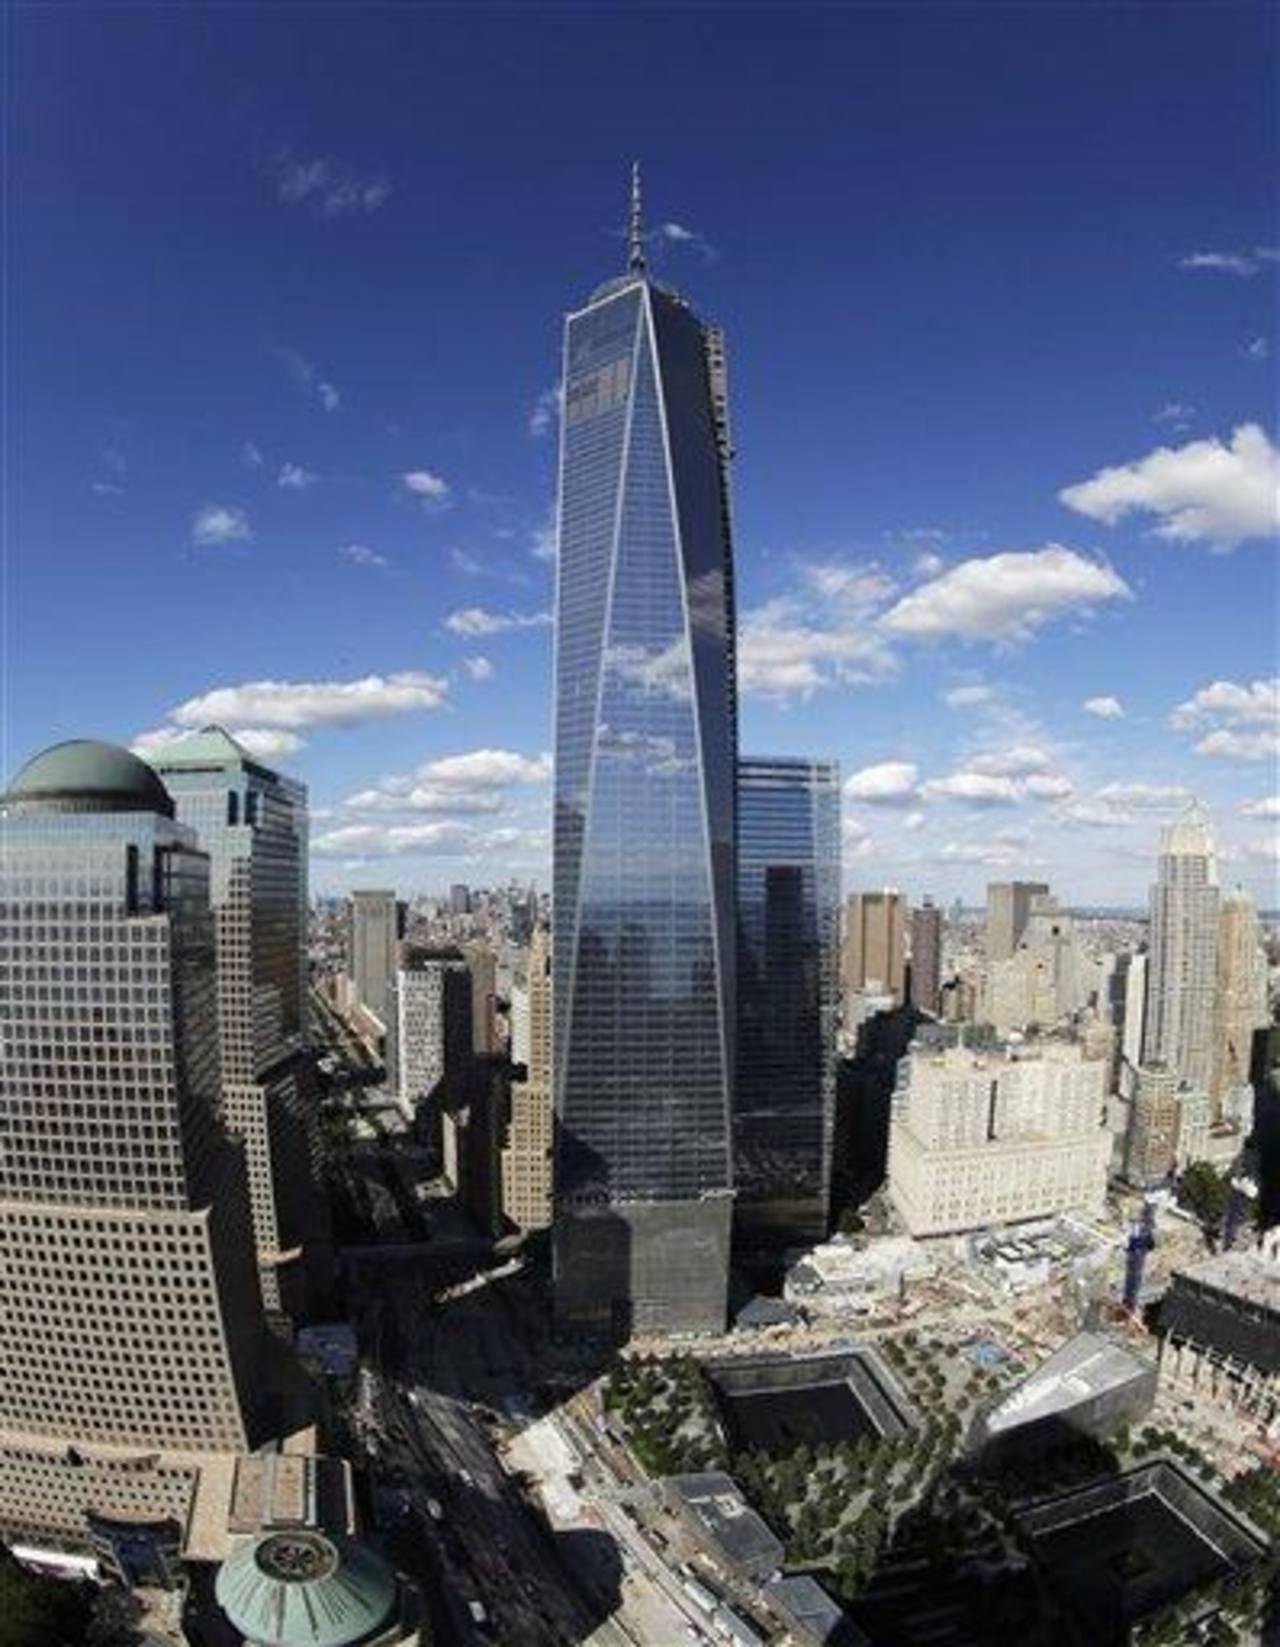 El edificio 1 World Trade Center en una fotografía tomada con un lente de ojo de pescado sobre el pabellón de entrada al Museo Nacional 11 de Septiembre,será el edificio más alto en Estados Unidos cuando sea completado y el tercero más alto en el mun